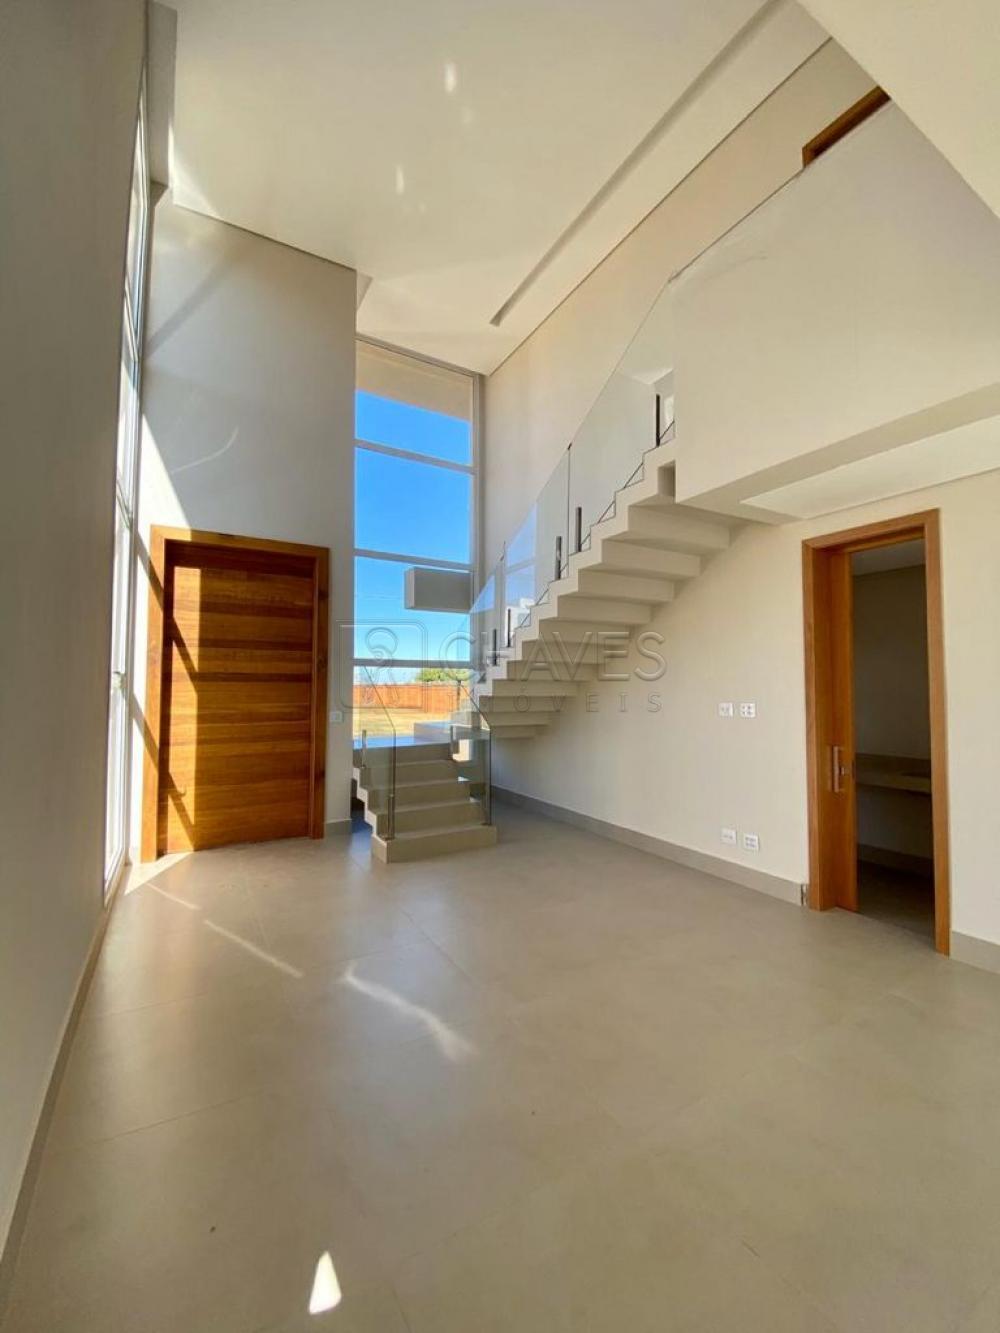 Comprar Casa / Condomínio em Ribeirão Preto R$ 1.300.000,00 - Foto 6